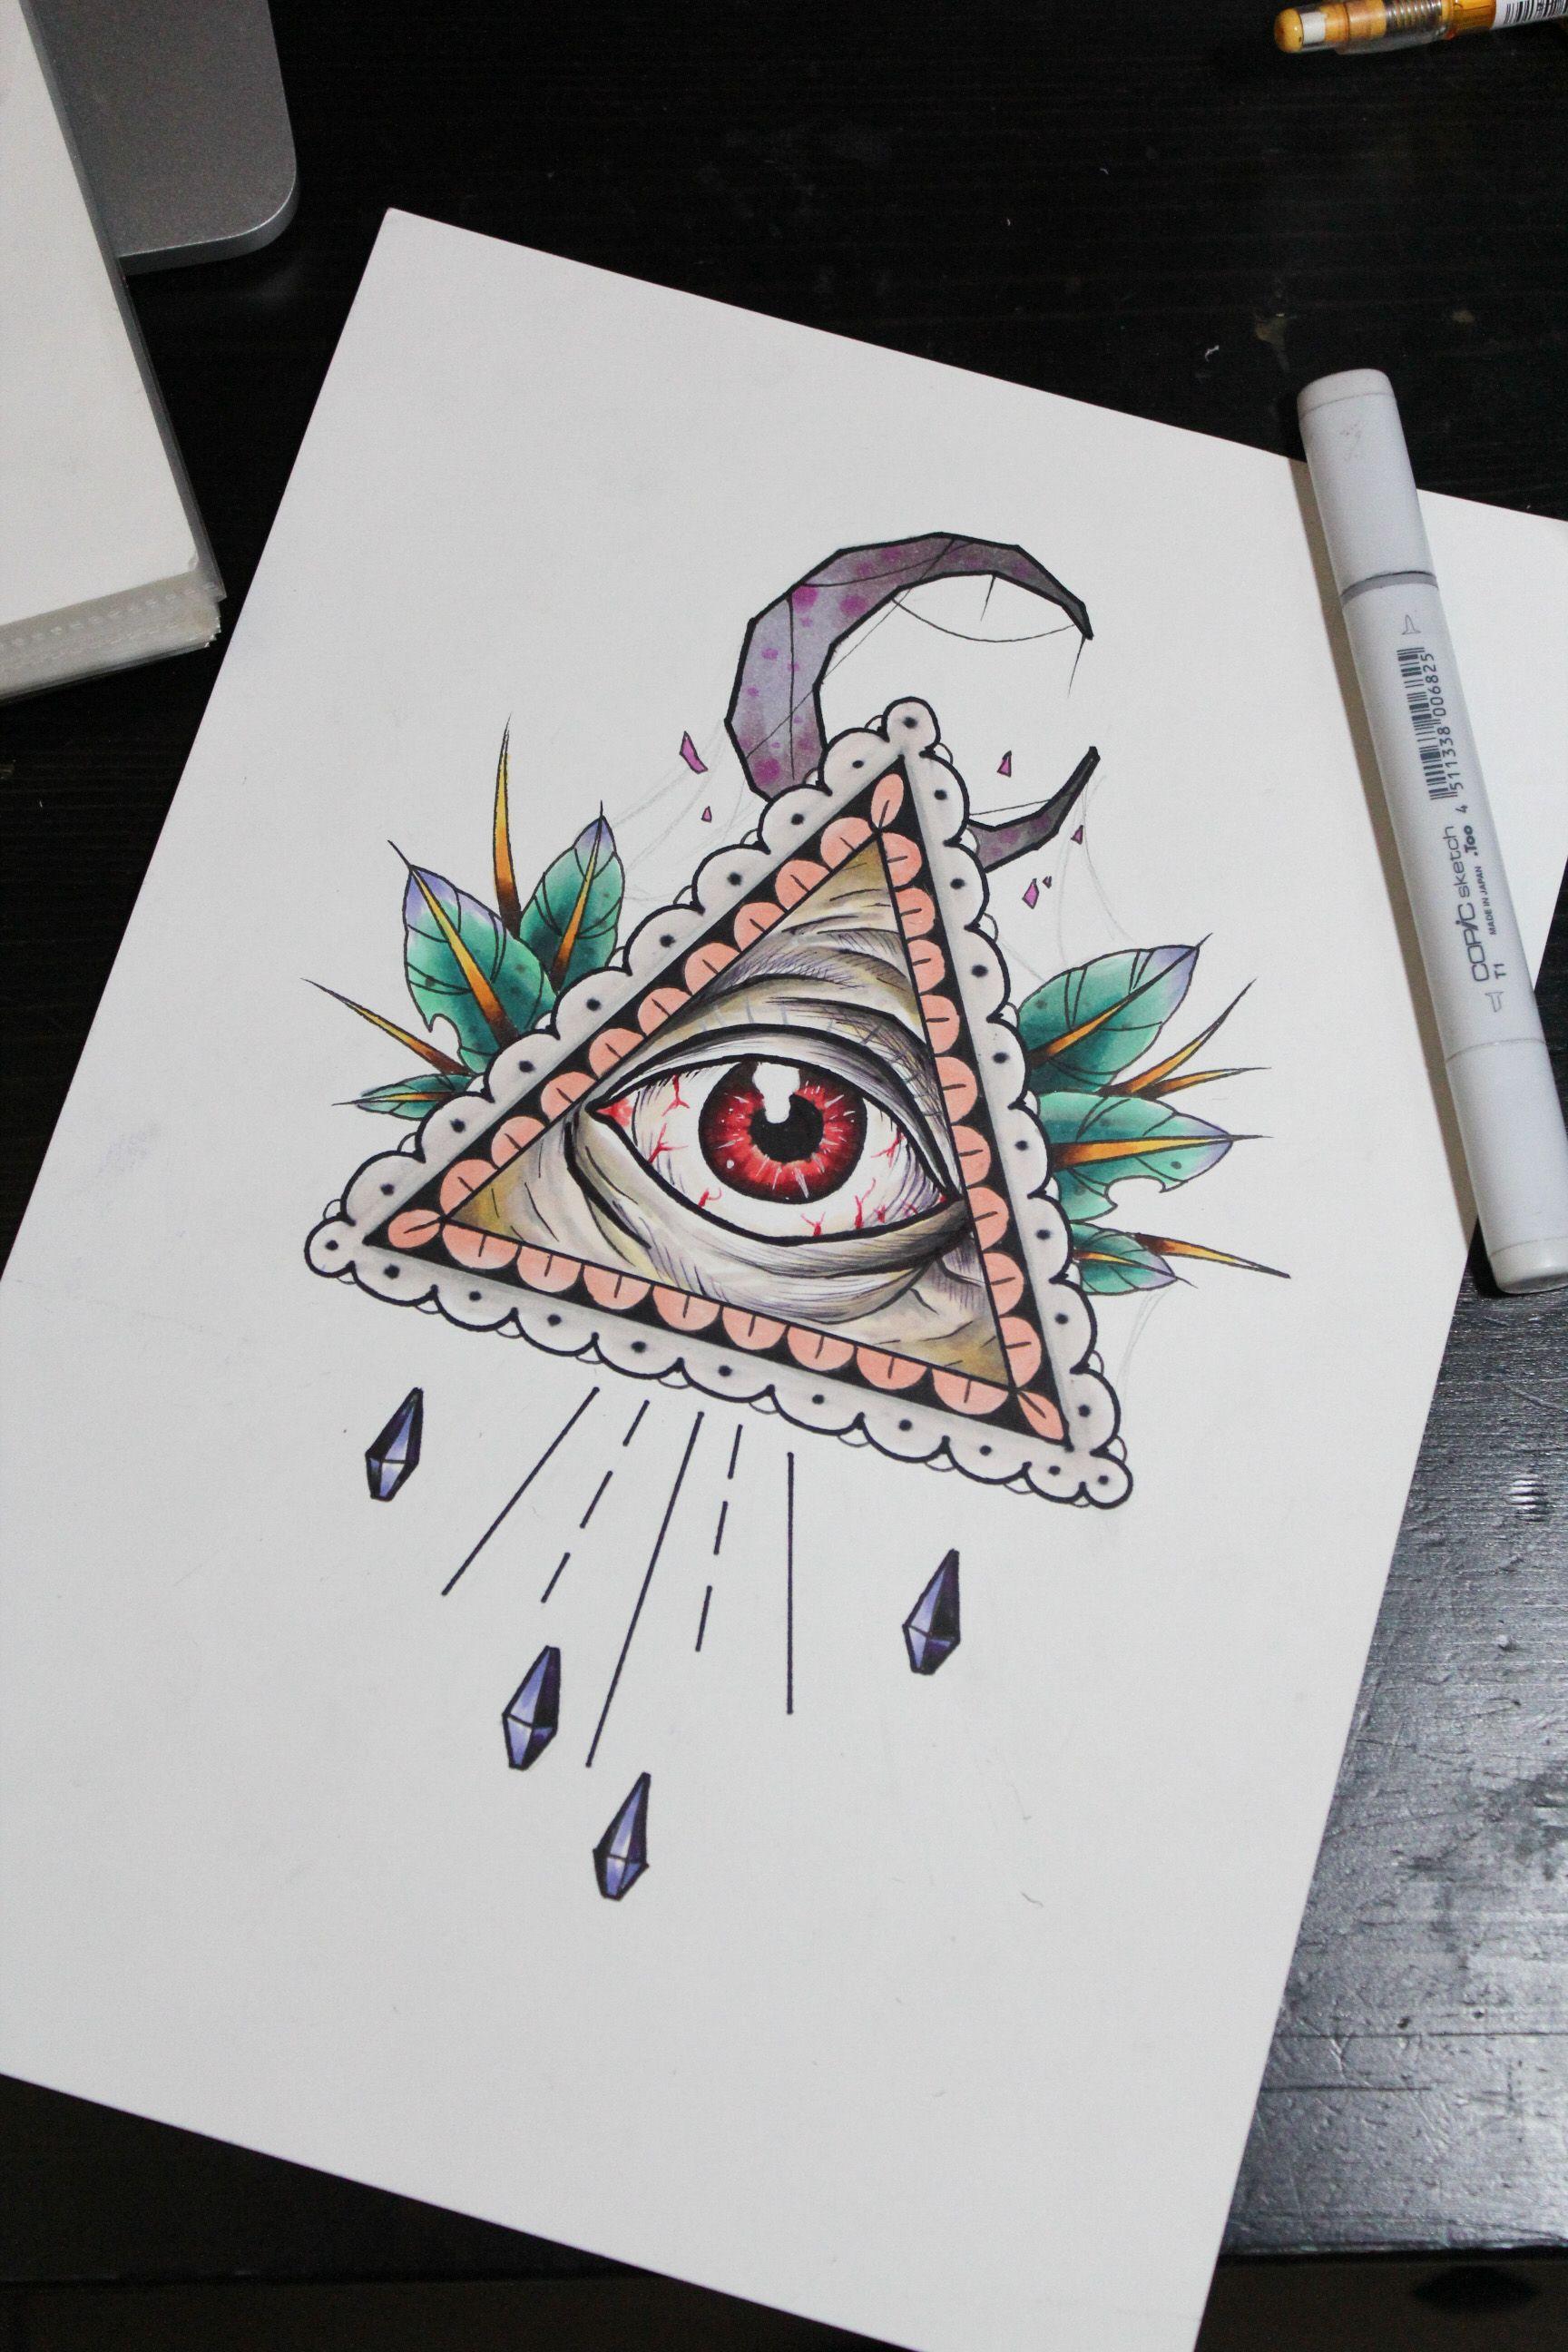 All seeing eye tattoo Eye of providence tattoo Eye